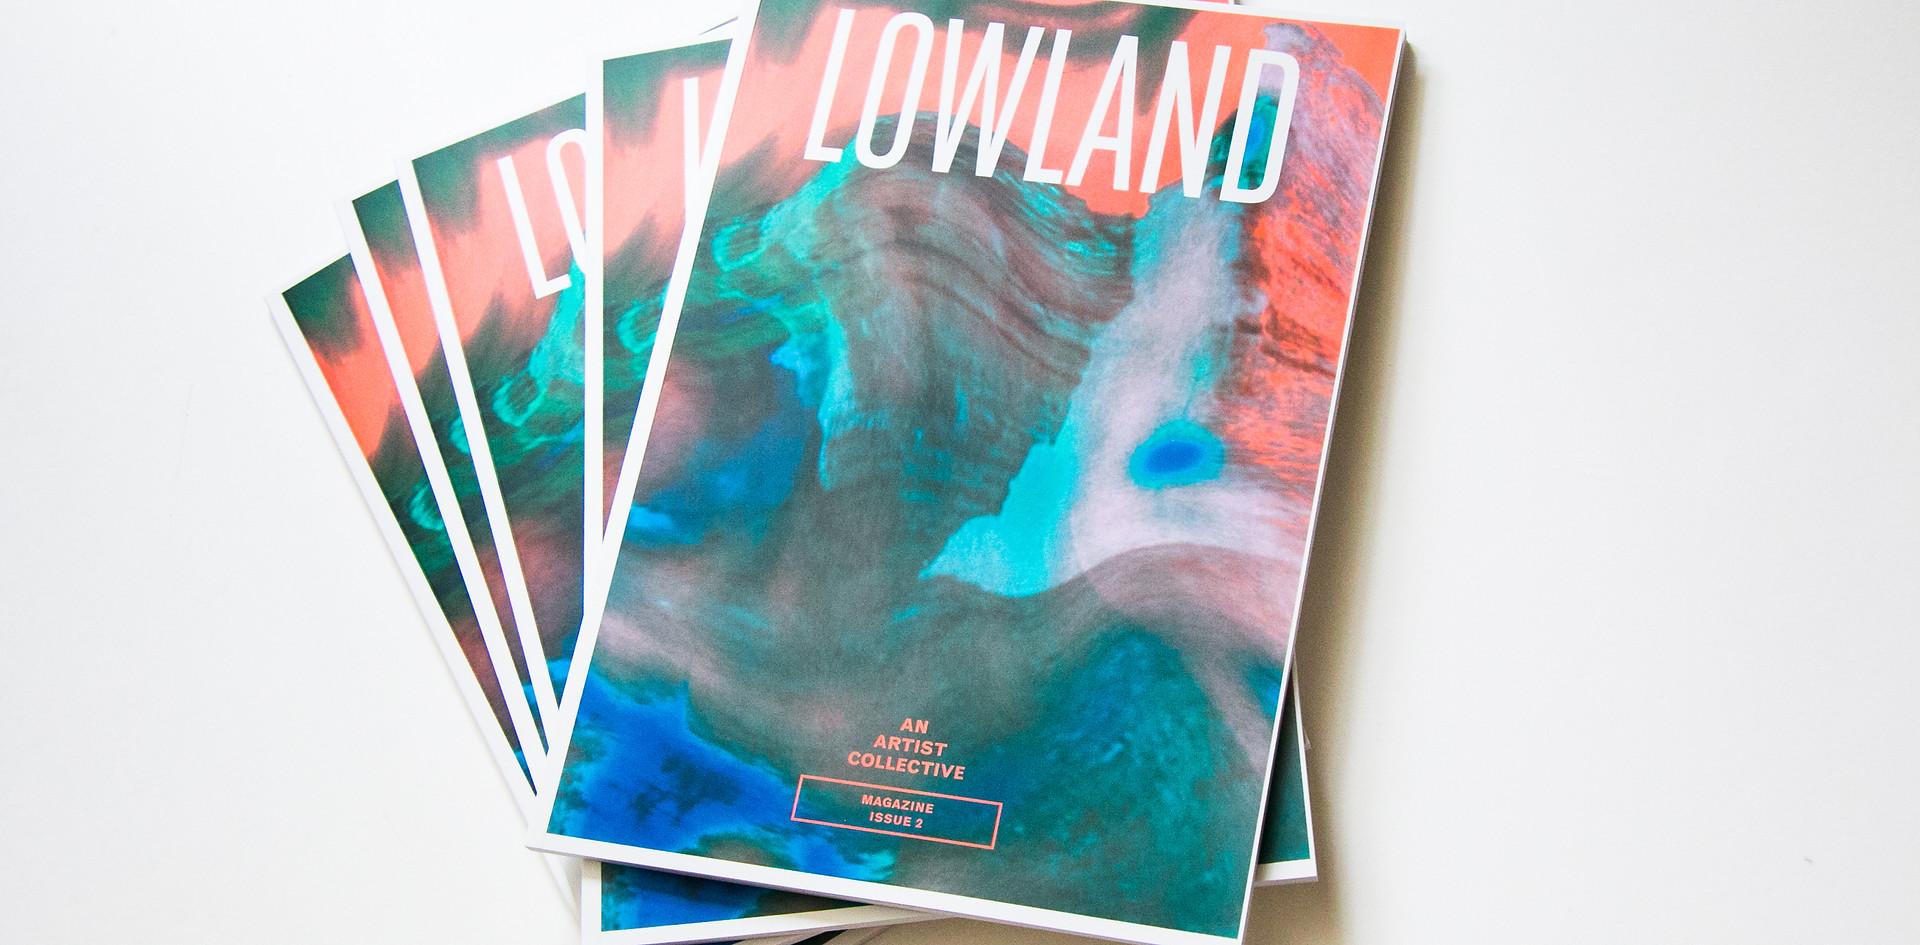 Lowland #2